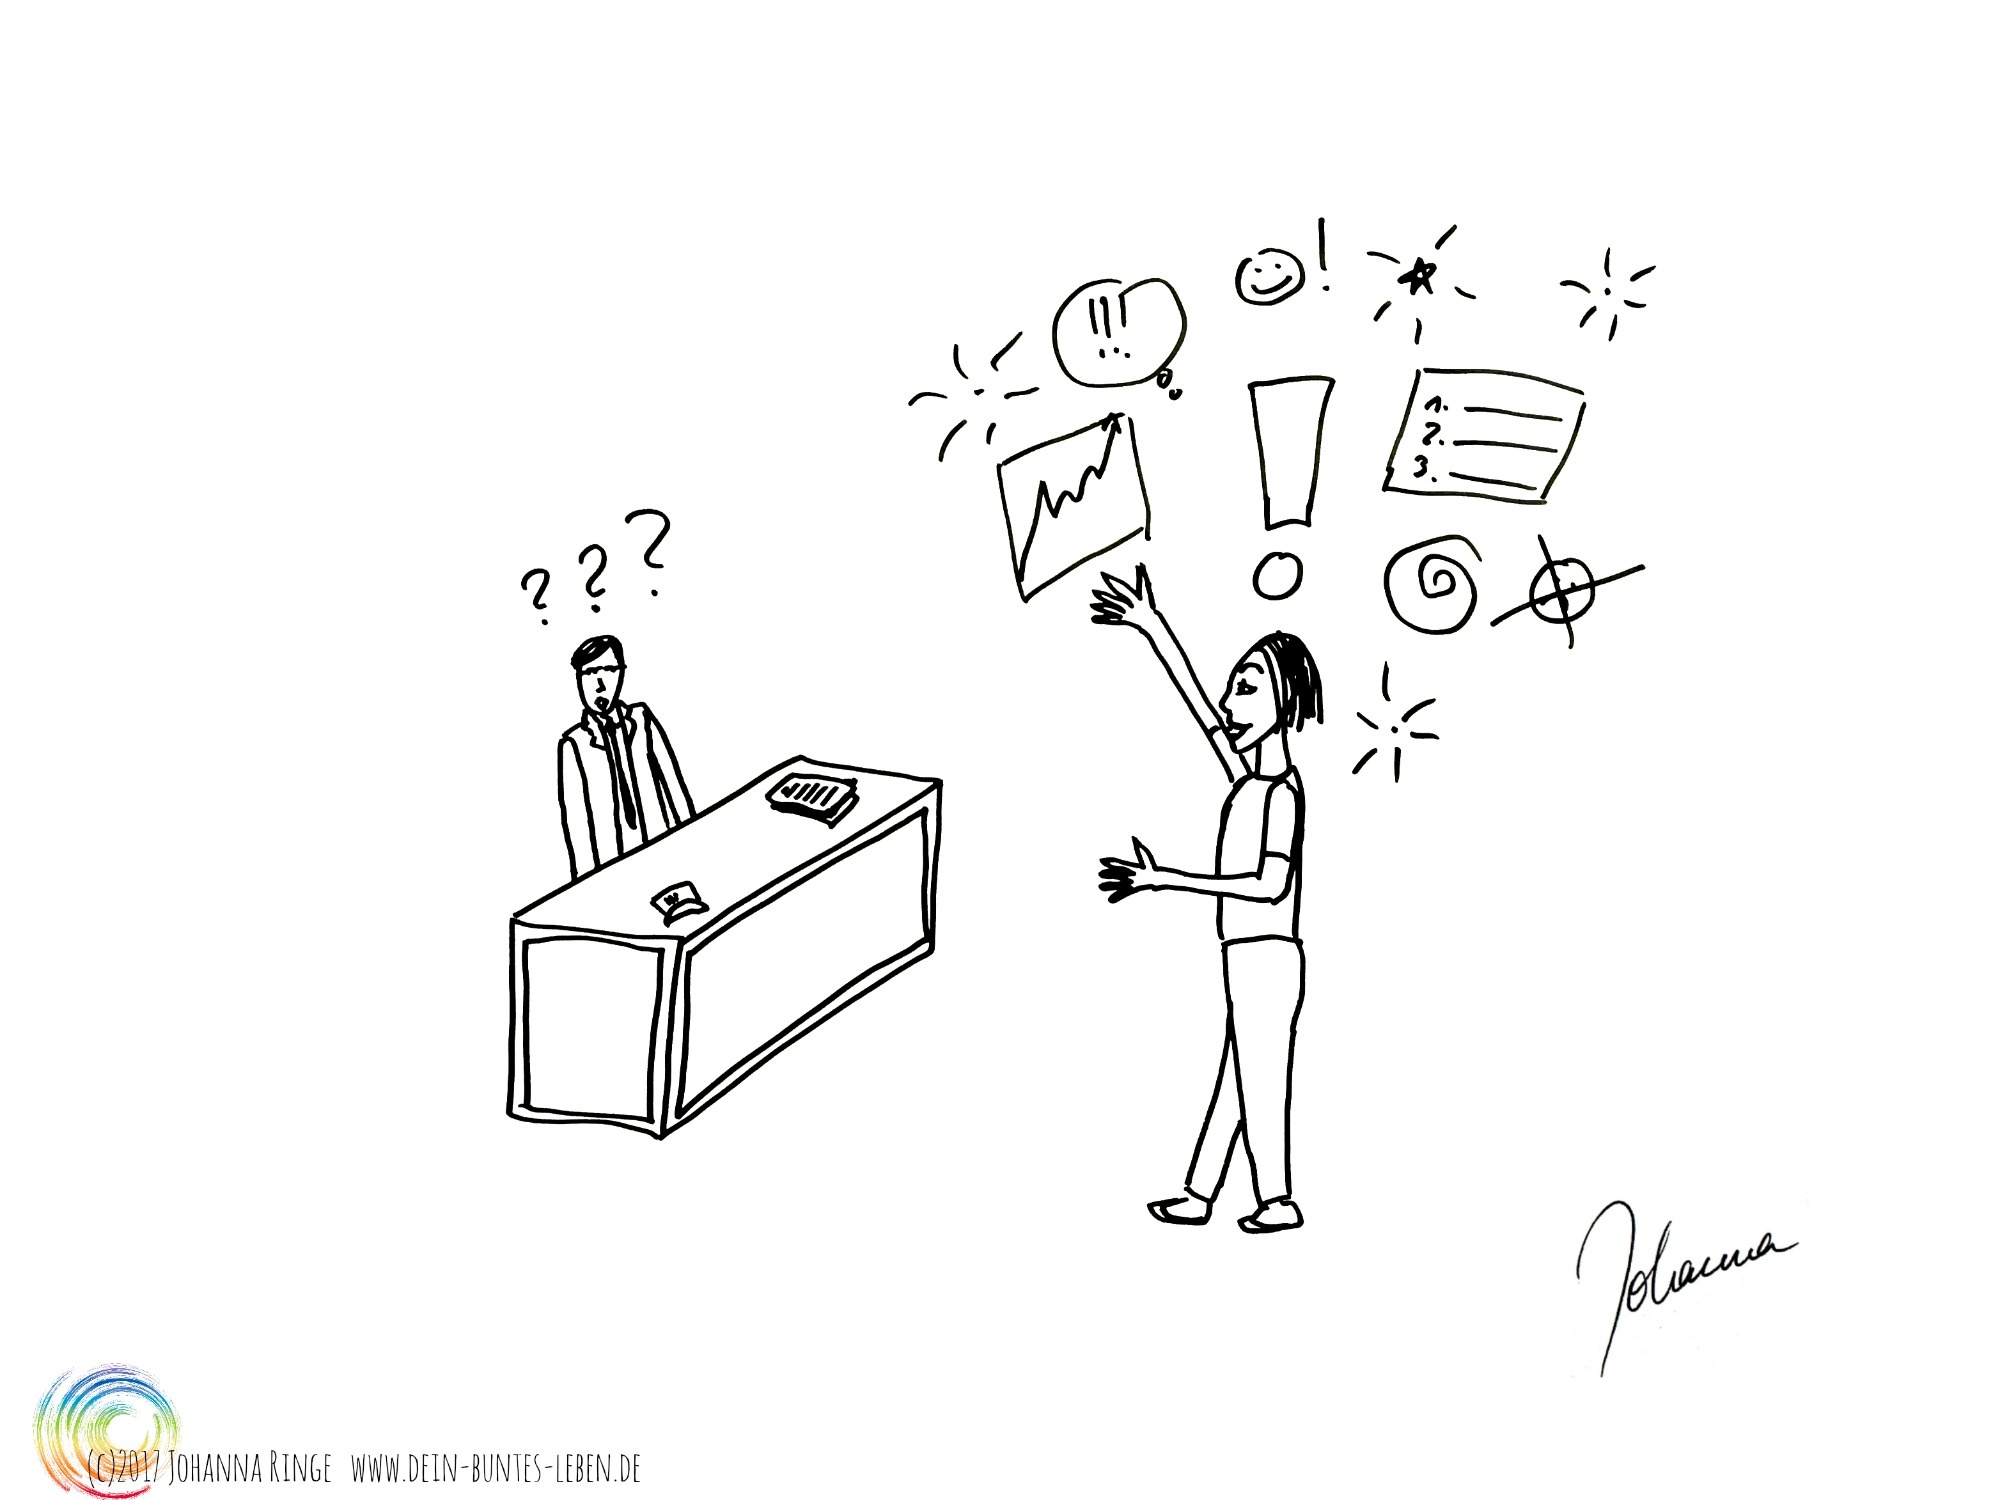 Konkurrenz oder Begeisterung: Ein fassungsloser Chef sitzt hinter dem Schreibtisch, während ein Mitarbeiter vor ihm übersprudelnd eine Idee darlegt. Zeichnung (c)Johanna RInge 2017 www.dein-buntes-leben.de